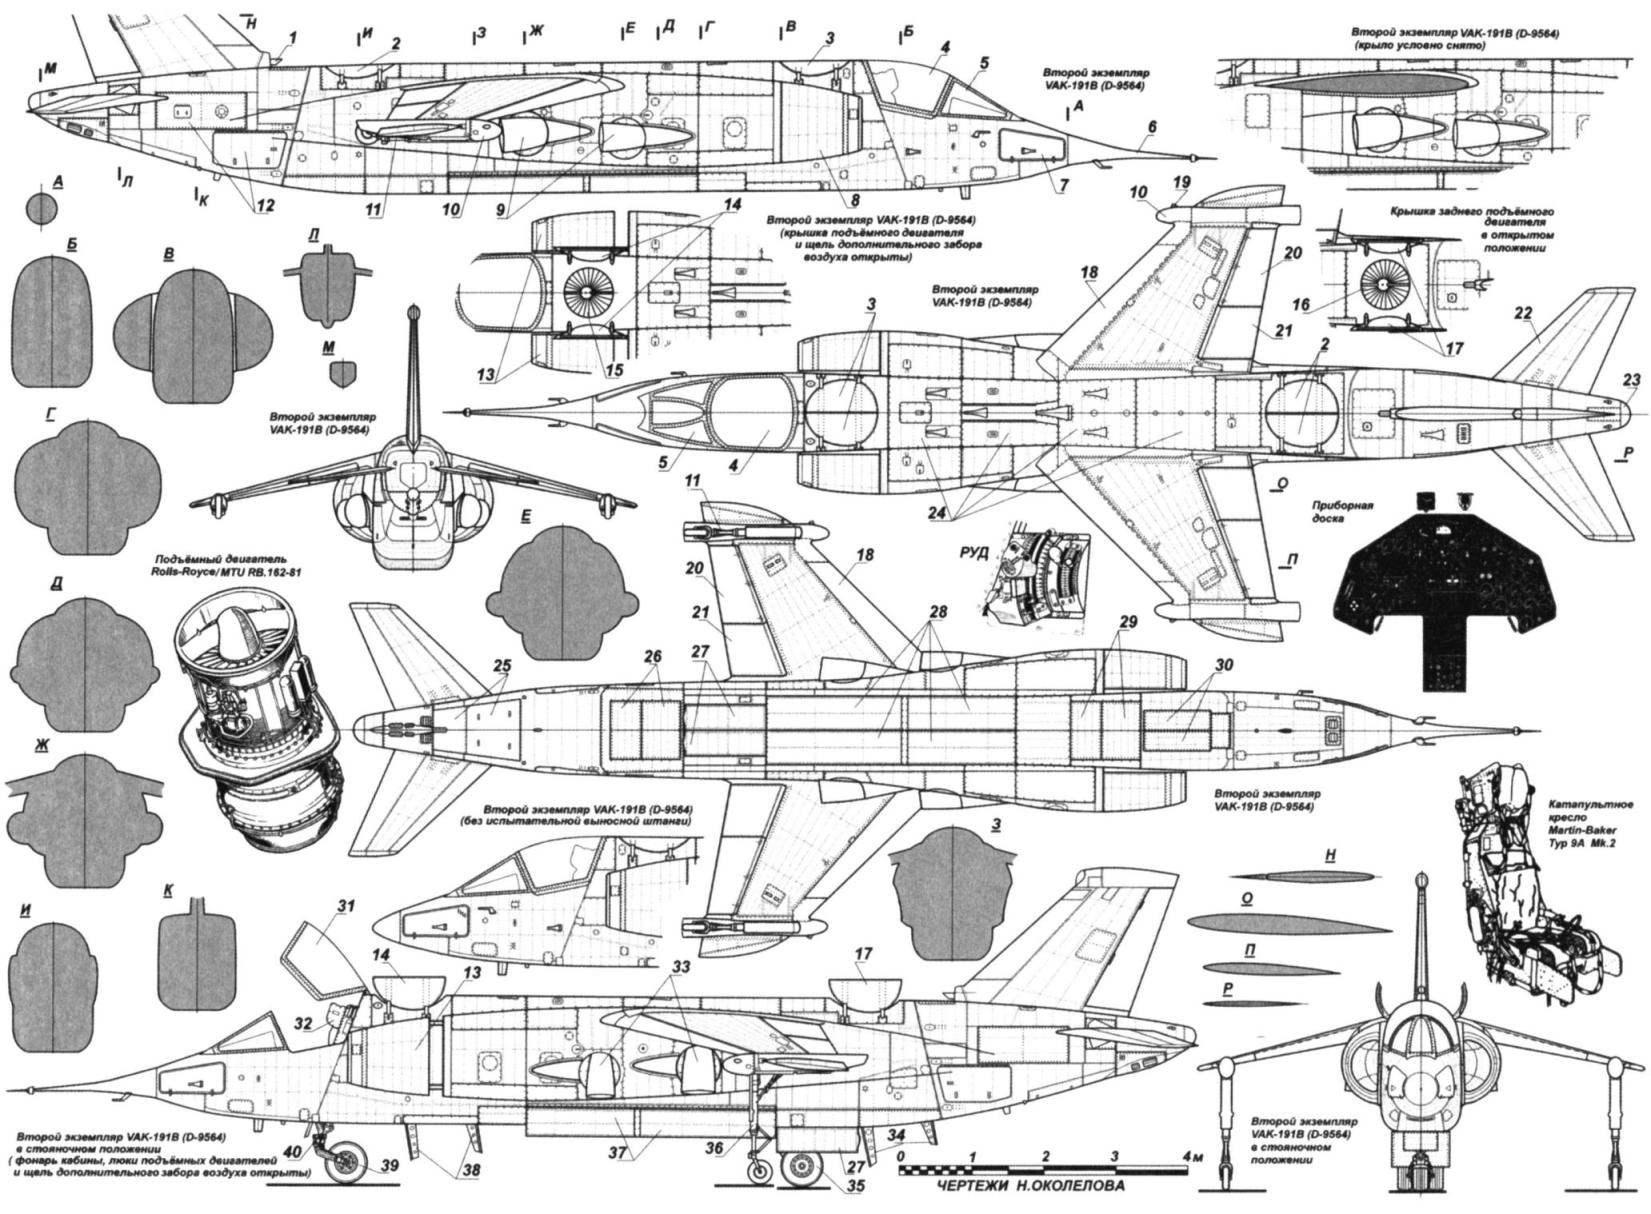 Истребитель-бомбардировщик вертикального взлёта и посадки VAK-191